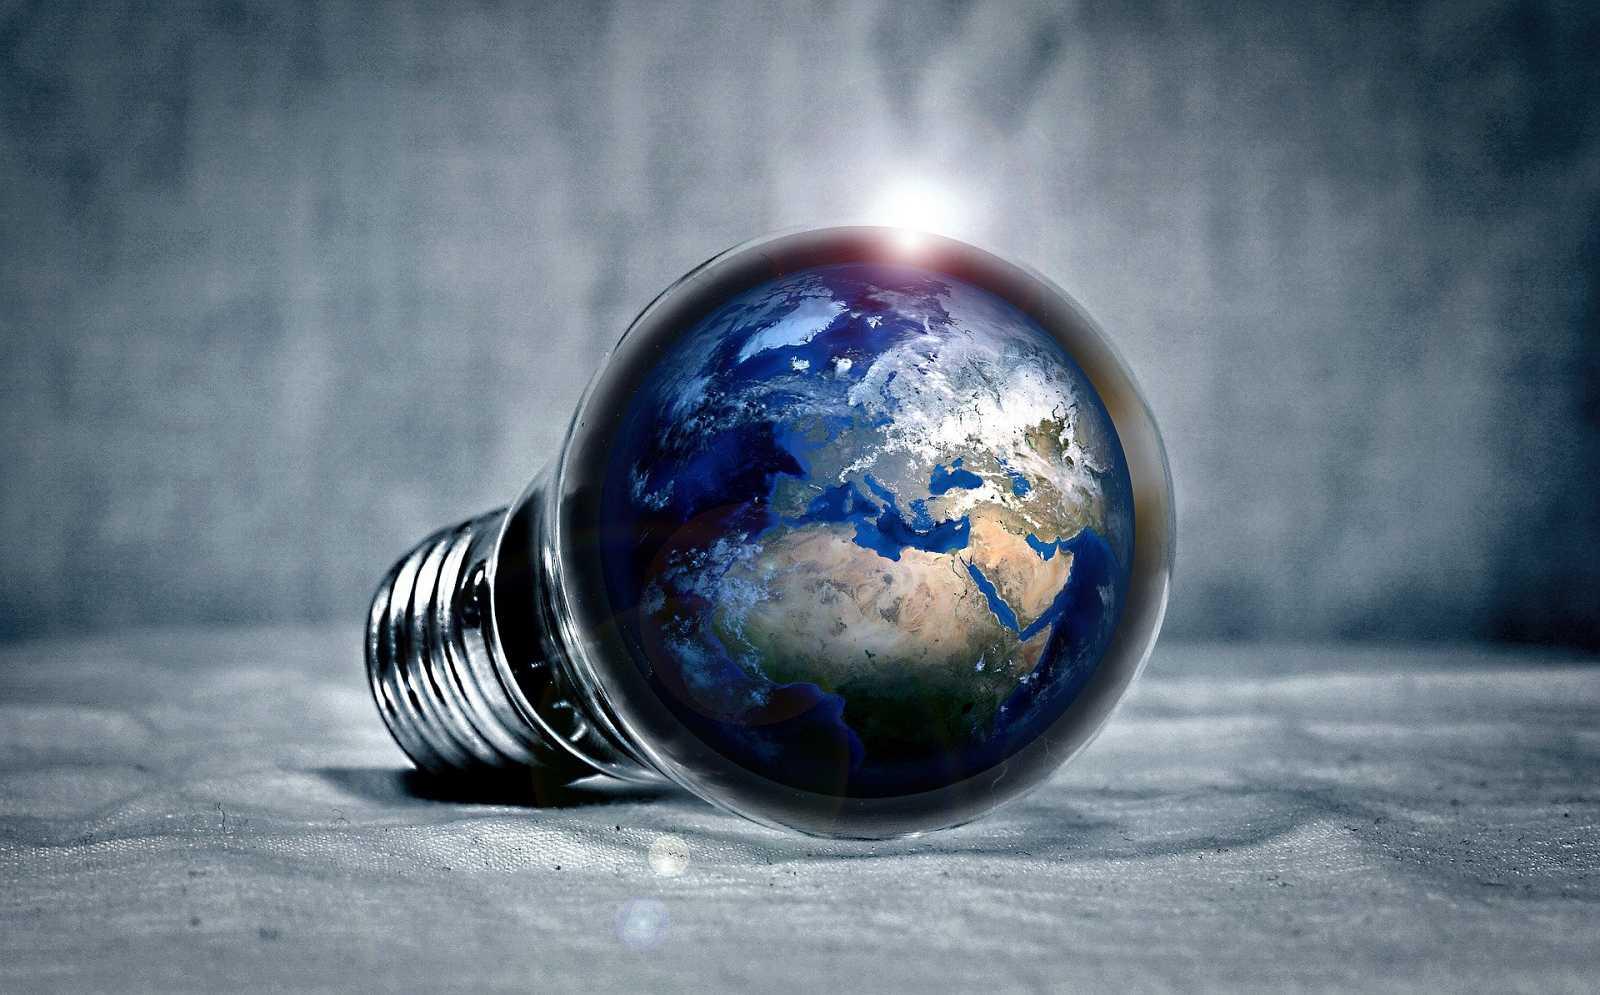 Reserva natural - Comienza una década crucial para el medio ambiente -  07/01/21 - Escuchar ahora